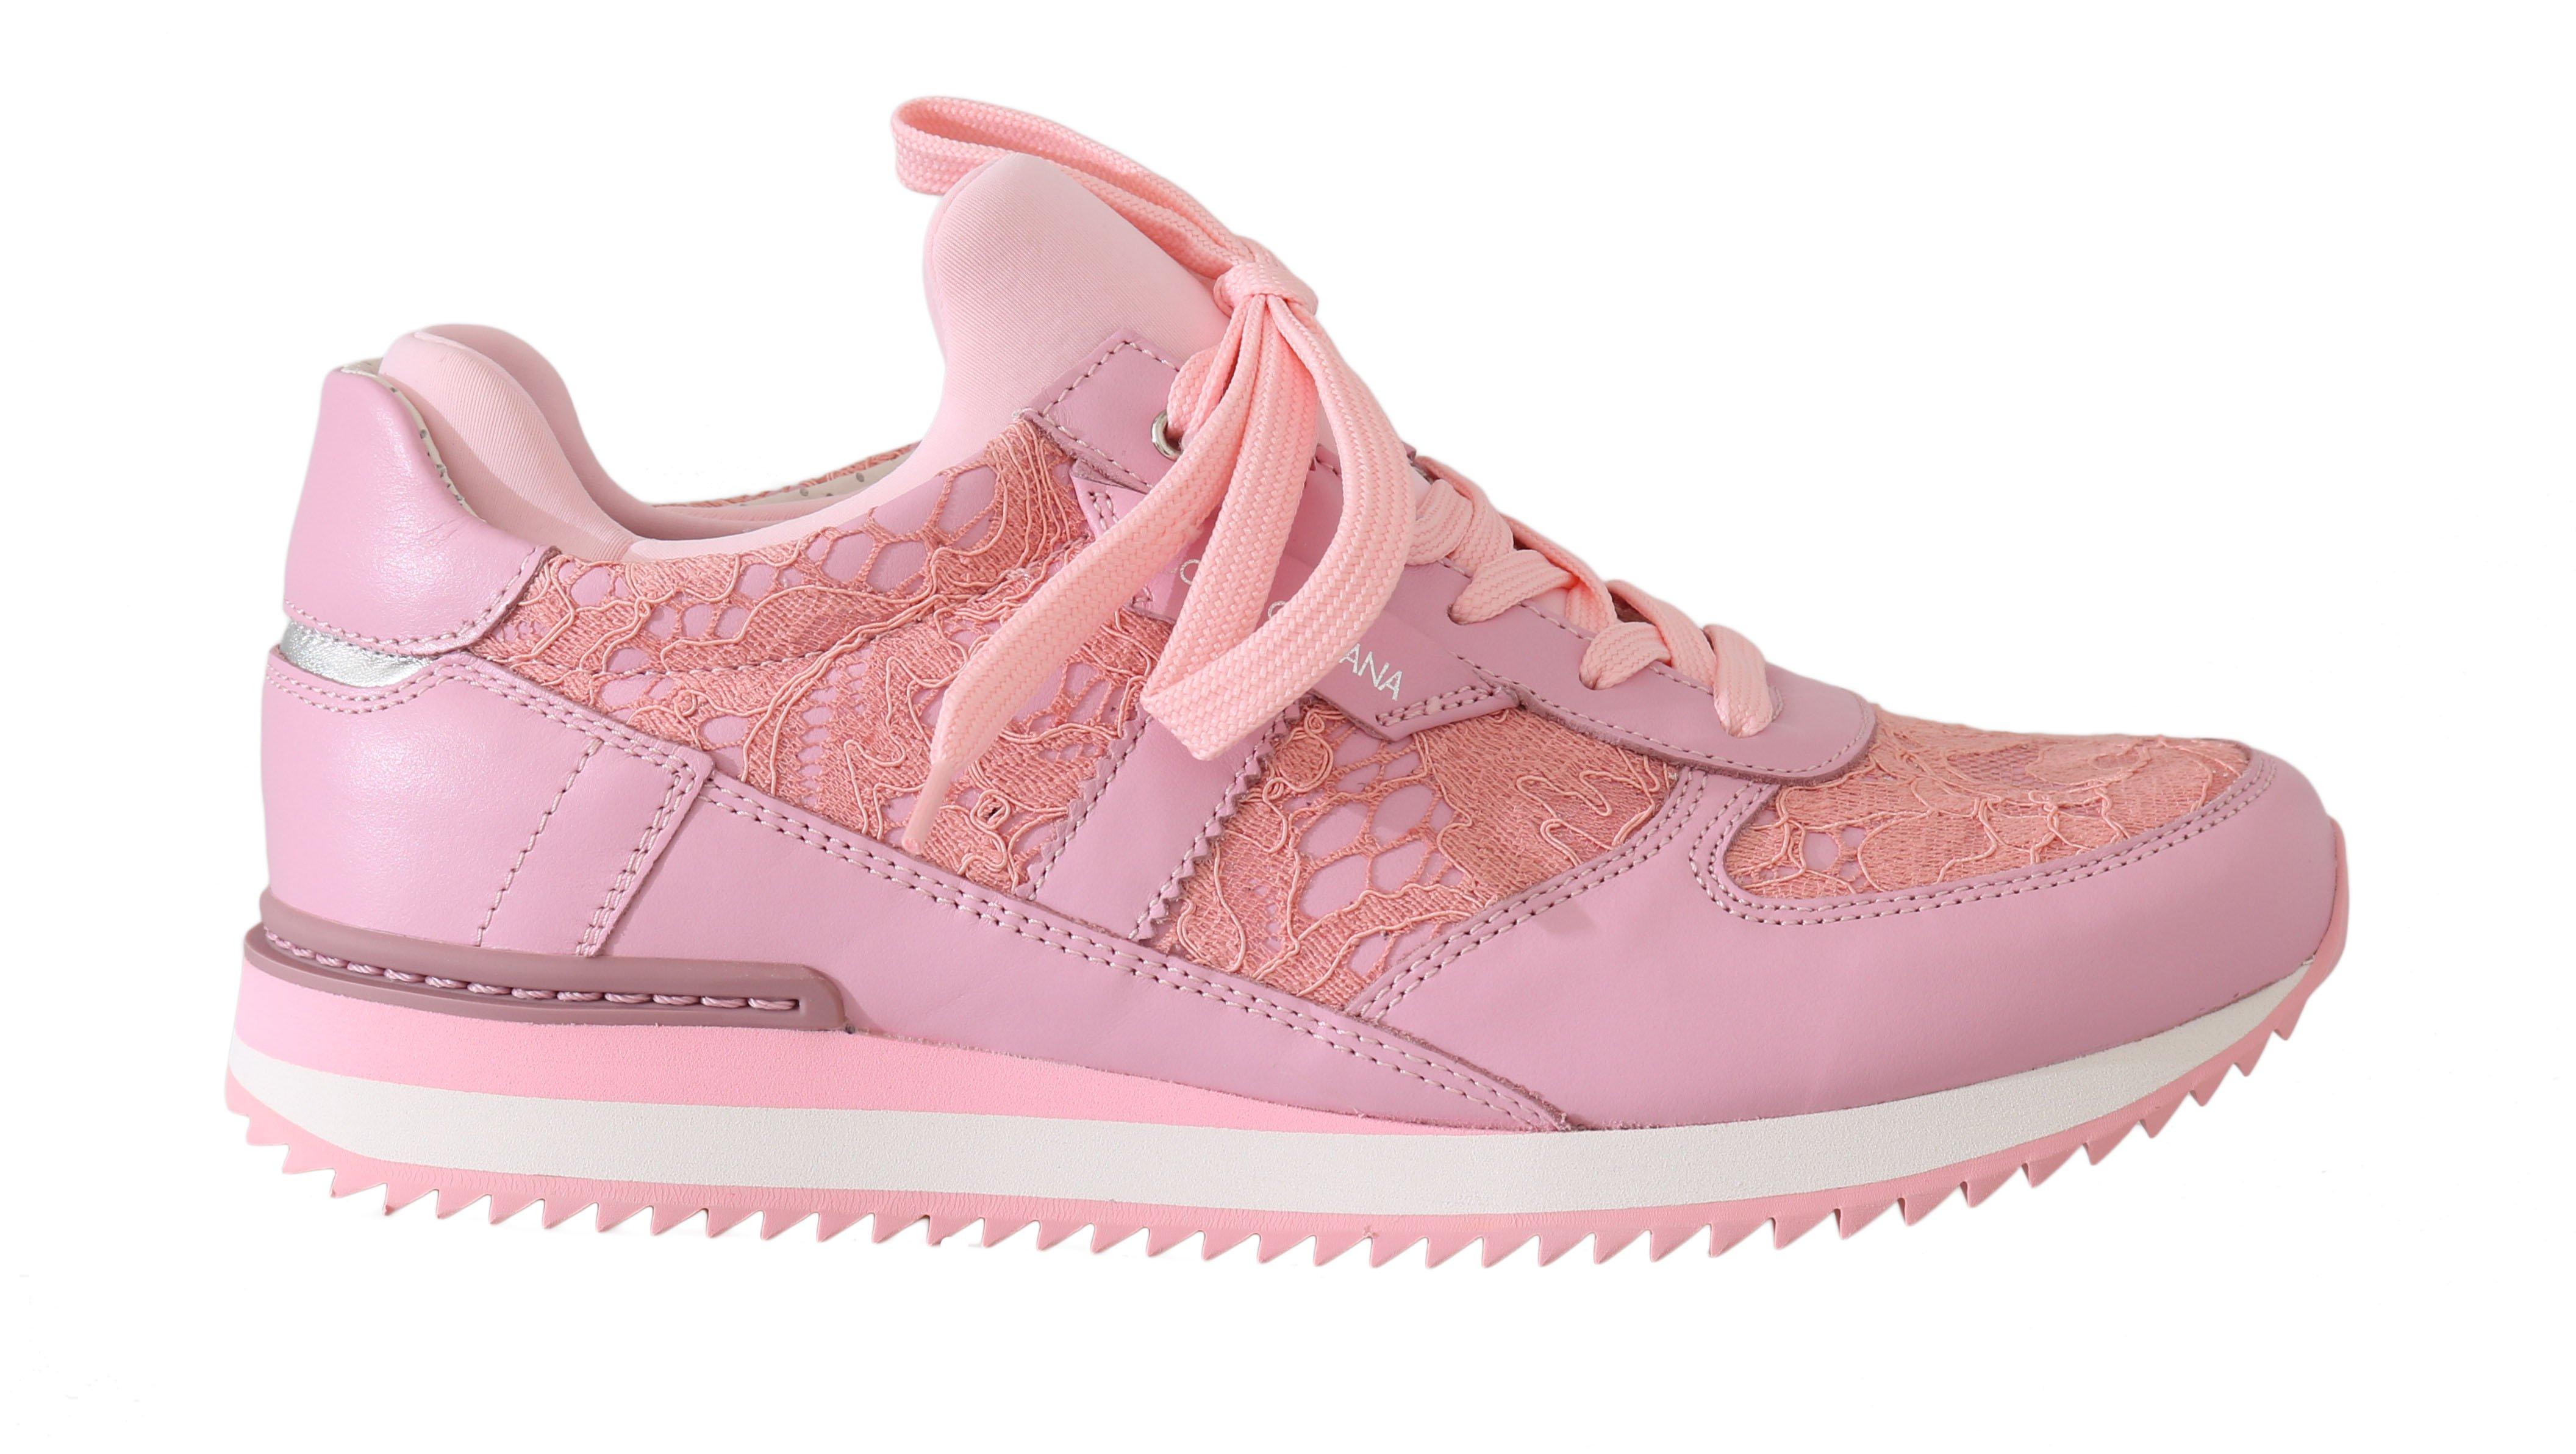 Dolce & Gabbana Women's Floral Lace Leather Trainer Pink LA5675 - EU35/US4.5